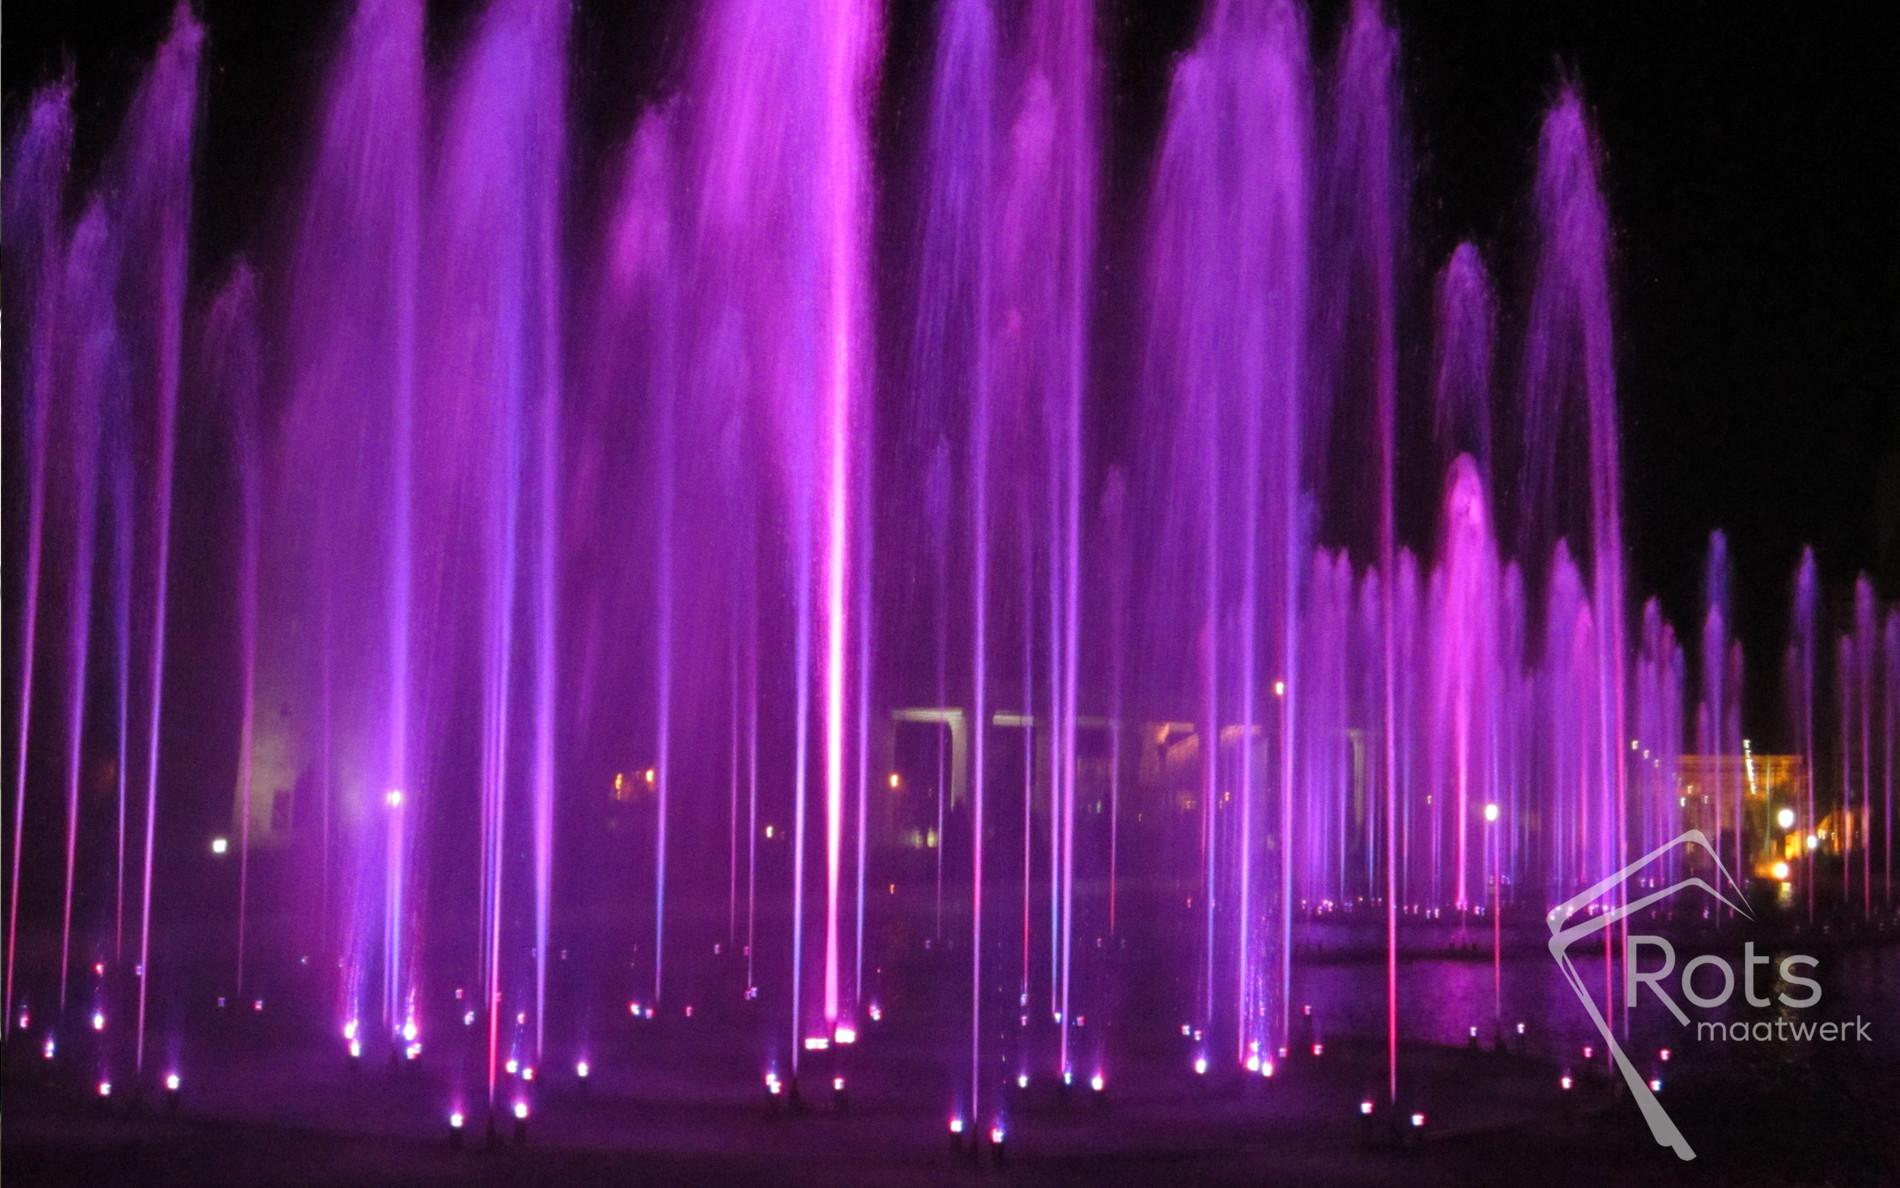 fonteinenshow, show, fontein, fonteinen, muziek, muzikaal, programmeren, geprogrammeerd, rusland, pompen, spuiters, shooters, effecten, effect, aanlichten, verlichten, water, waterkwaliteit, song, fountains, fountain, liedje, indruk, bijzonder